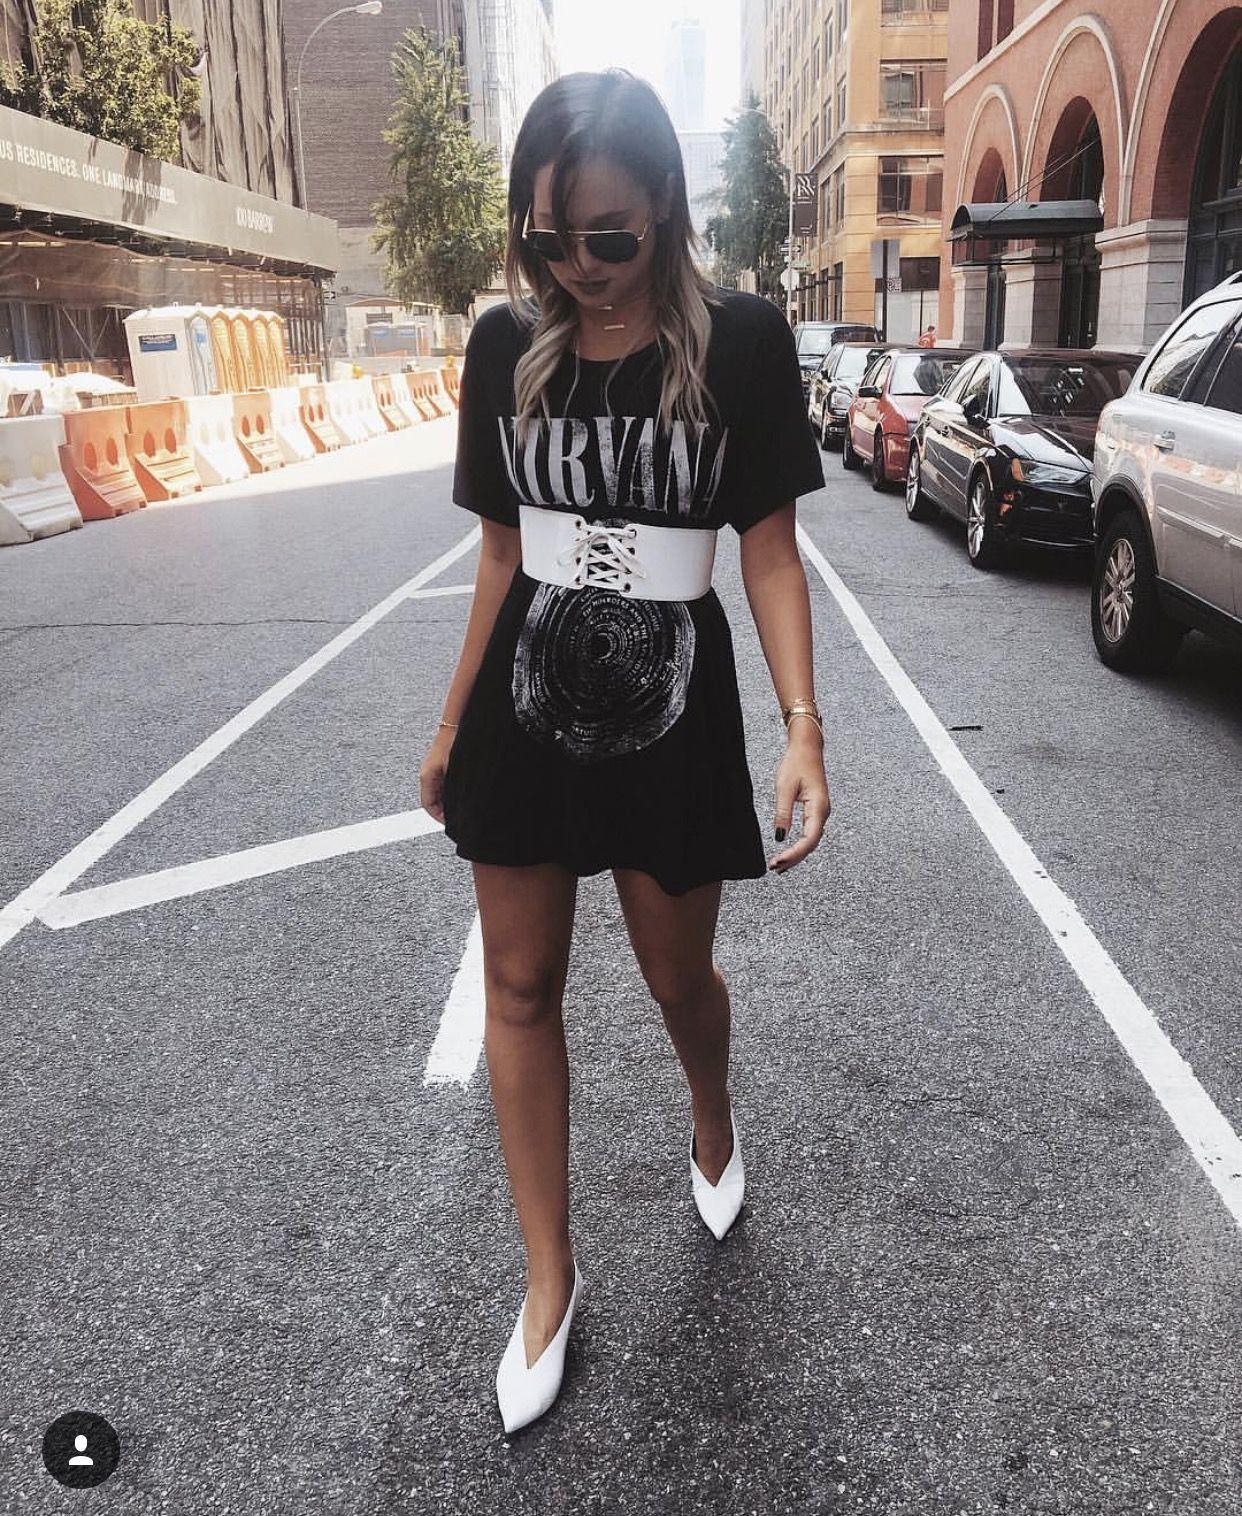 ec31c8b56e52 WeWoreWhat Tshirt Dress | f a s h i o n i s t a in 2018 | Pinterest ...